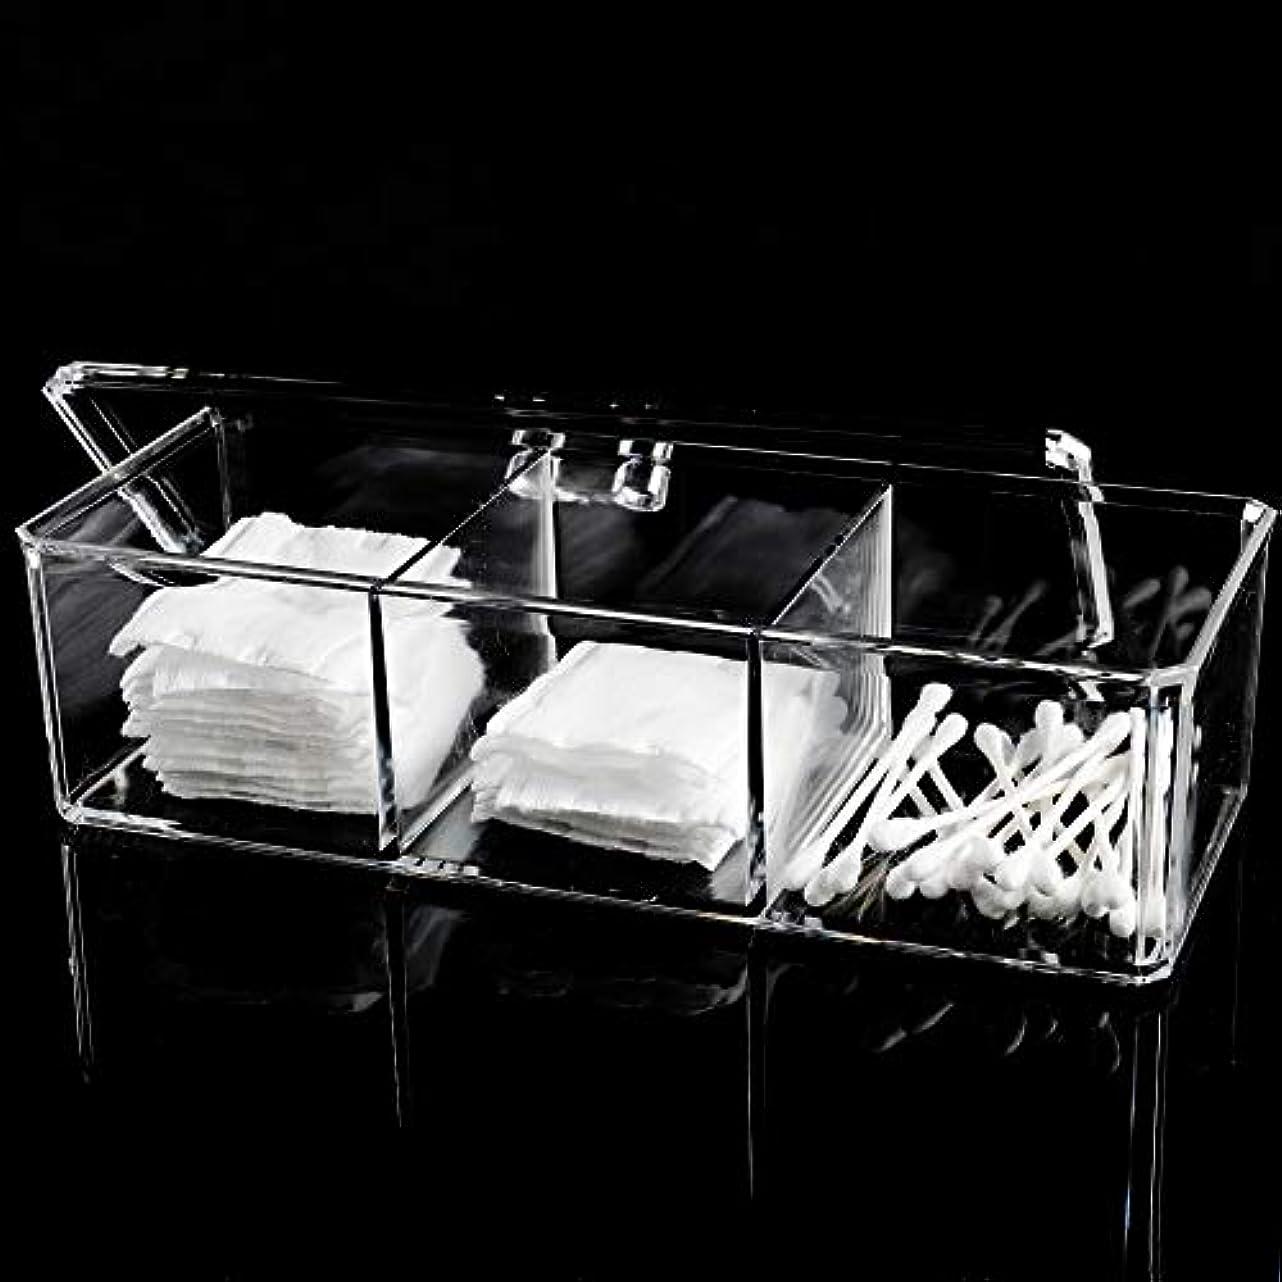 従う強大な実現可能メイクボックス 綿棒ボックス アクリルケース 3コンパートメント 多機能 化粧品 ジュエリー収納 楊枝入れ 蓋付きコスメ小物 収納